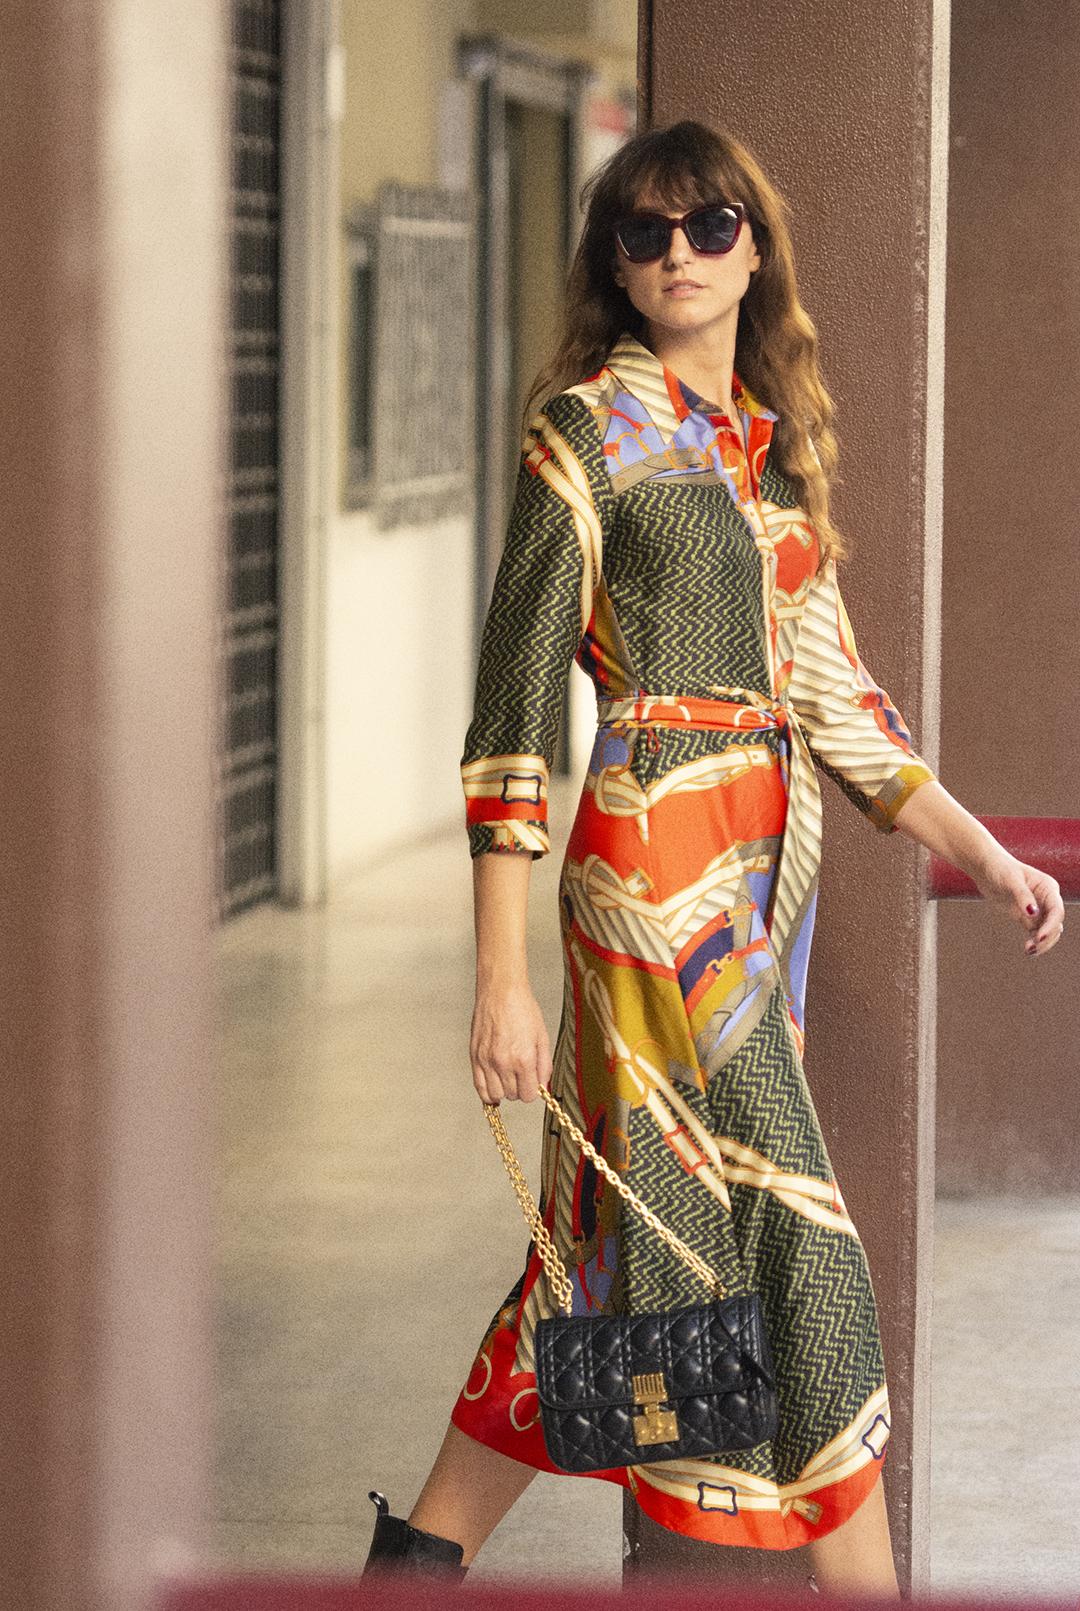 vestido-pañuelo-streetstyle-mitmeblog-04 copia